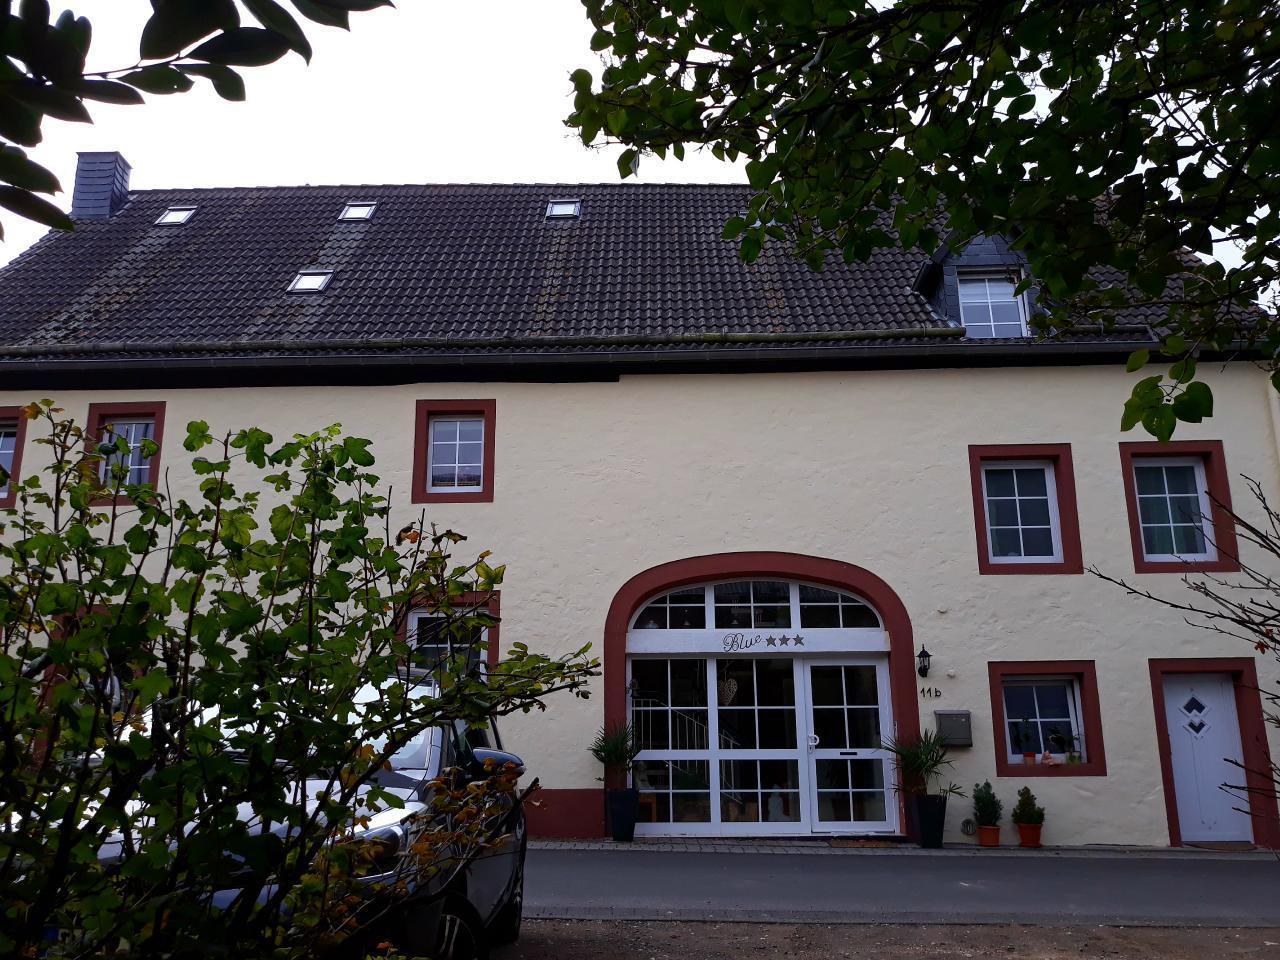 """Ferienhaus Blue Wohnung """"Blue 1"""" Ferienwohnung in Deutschland"""